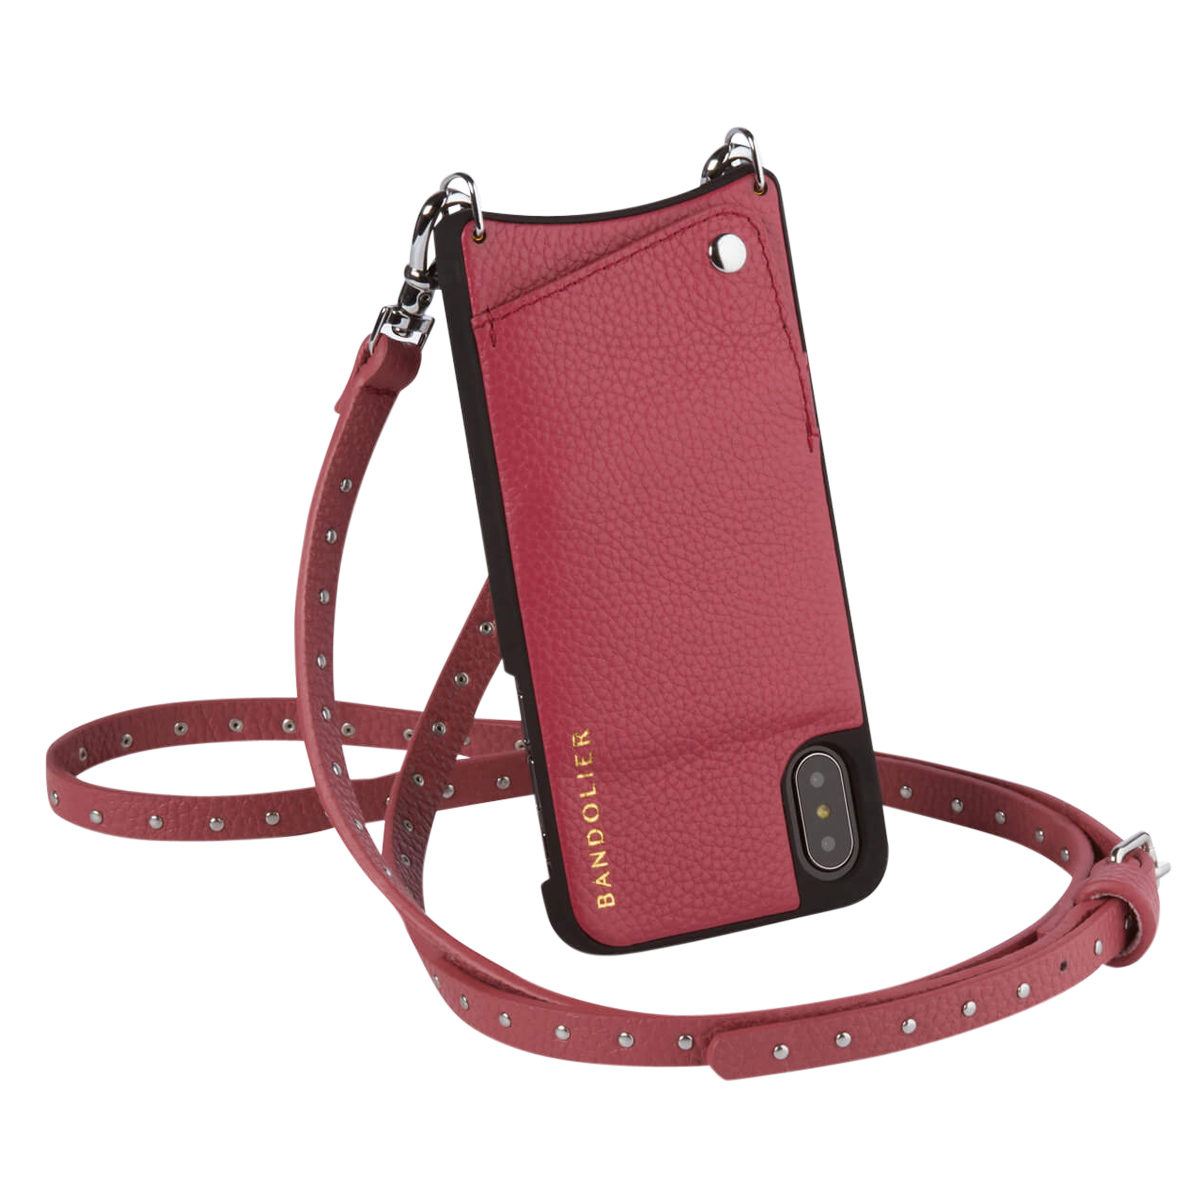 BANDOLIER iPhone XS MAX NICOLE MAGENTA RED バンドリヤー ケース ショルダー スマホ アイフォン レザー メンズ レディース マゼンタ レッド 10NIC1001 [3/18 再入荷] [193]